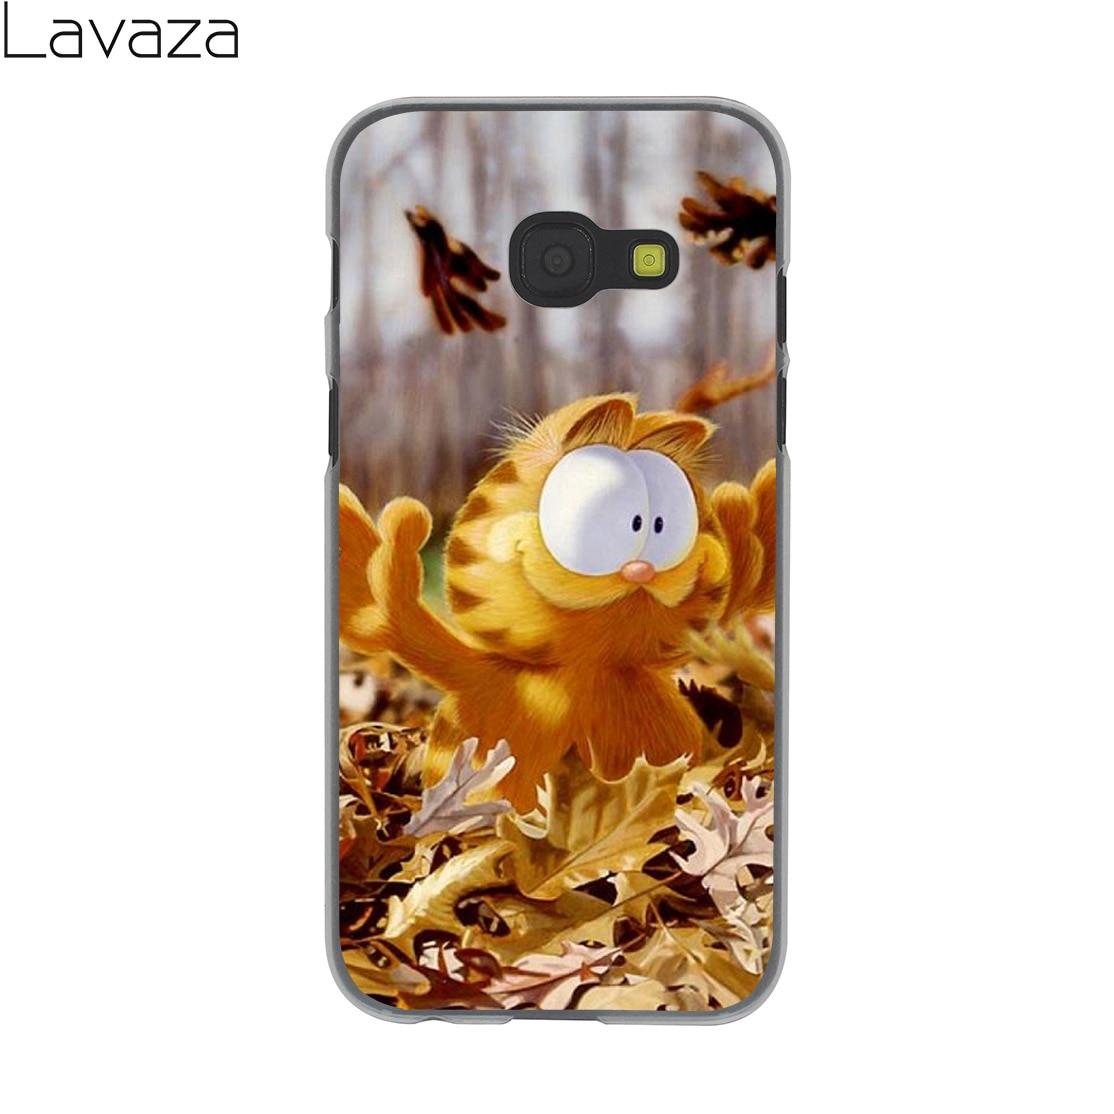 Samsung Galaxy Note üçün Lavaza şirin sevimli cizgi filmi - Cib telefonu aksesuarları və hissələri - Fotoqrafiya 2